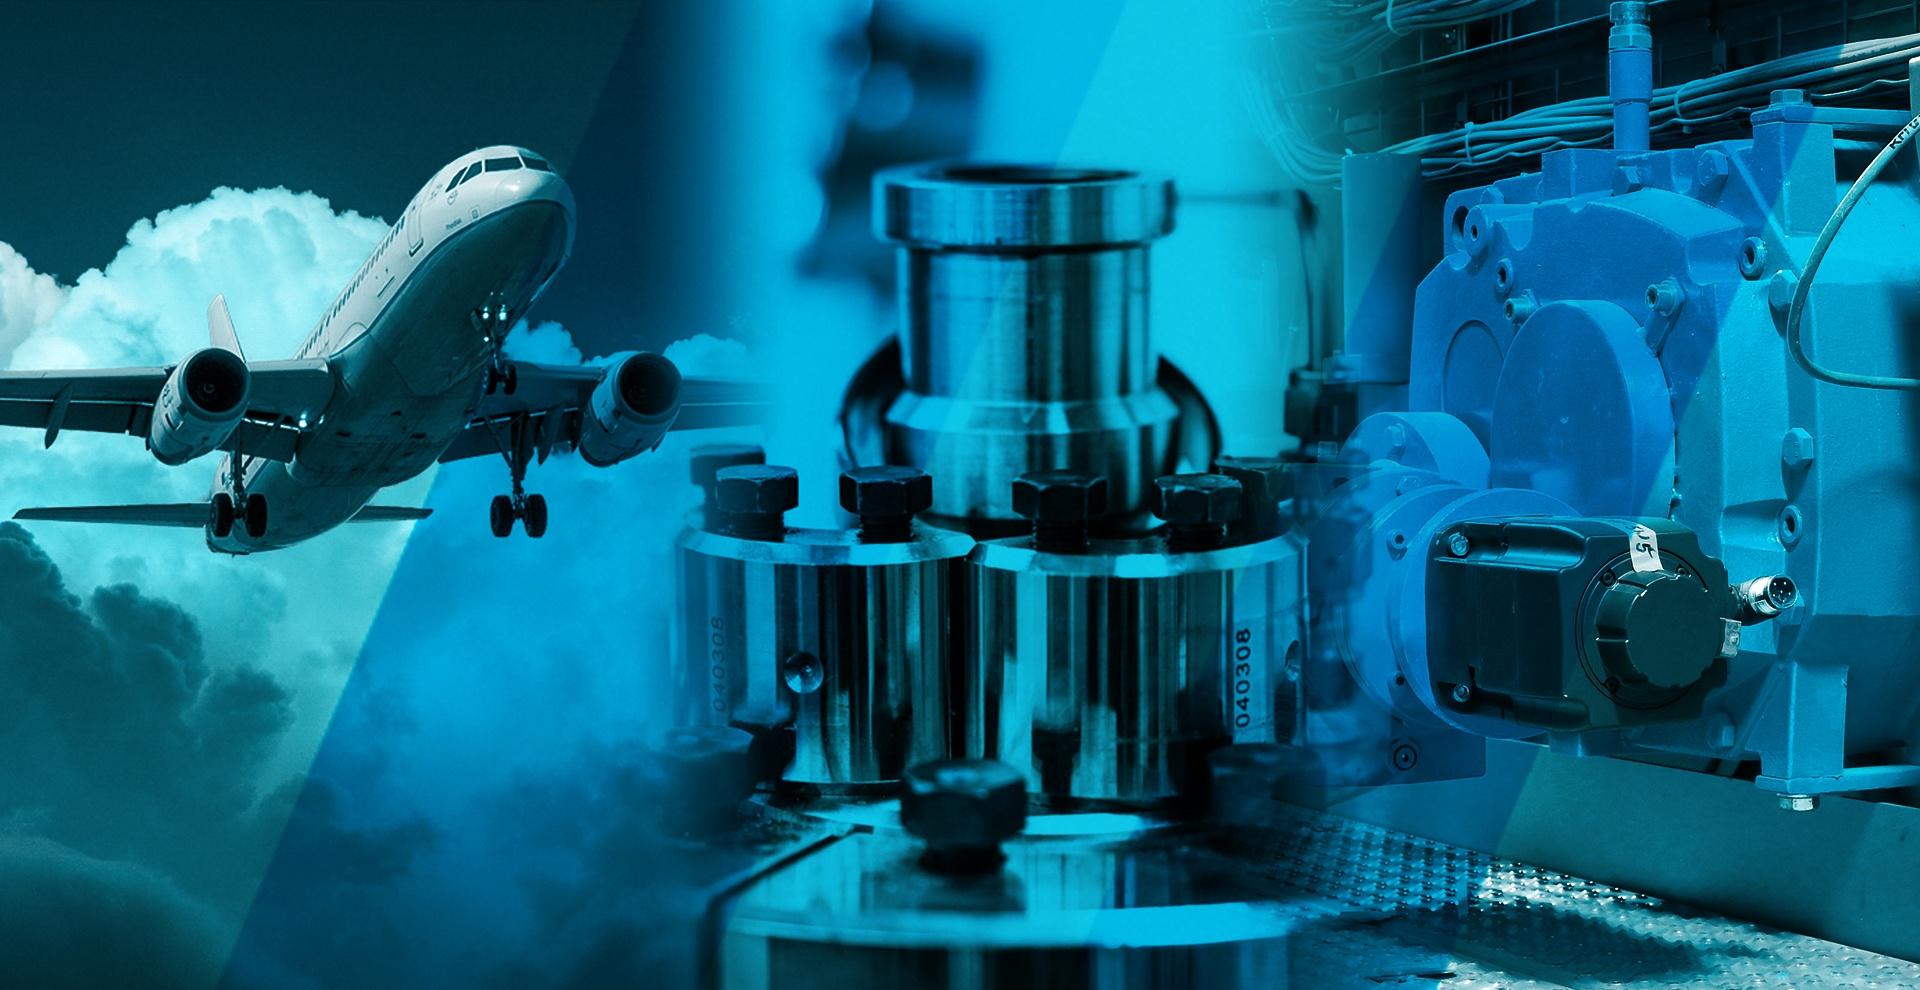 quantum-bg-1920x990-1